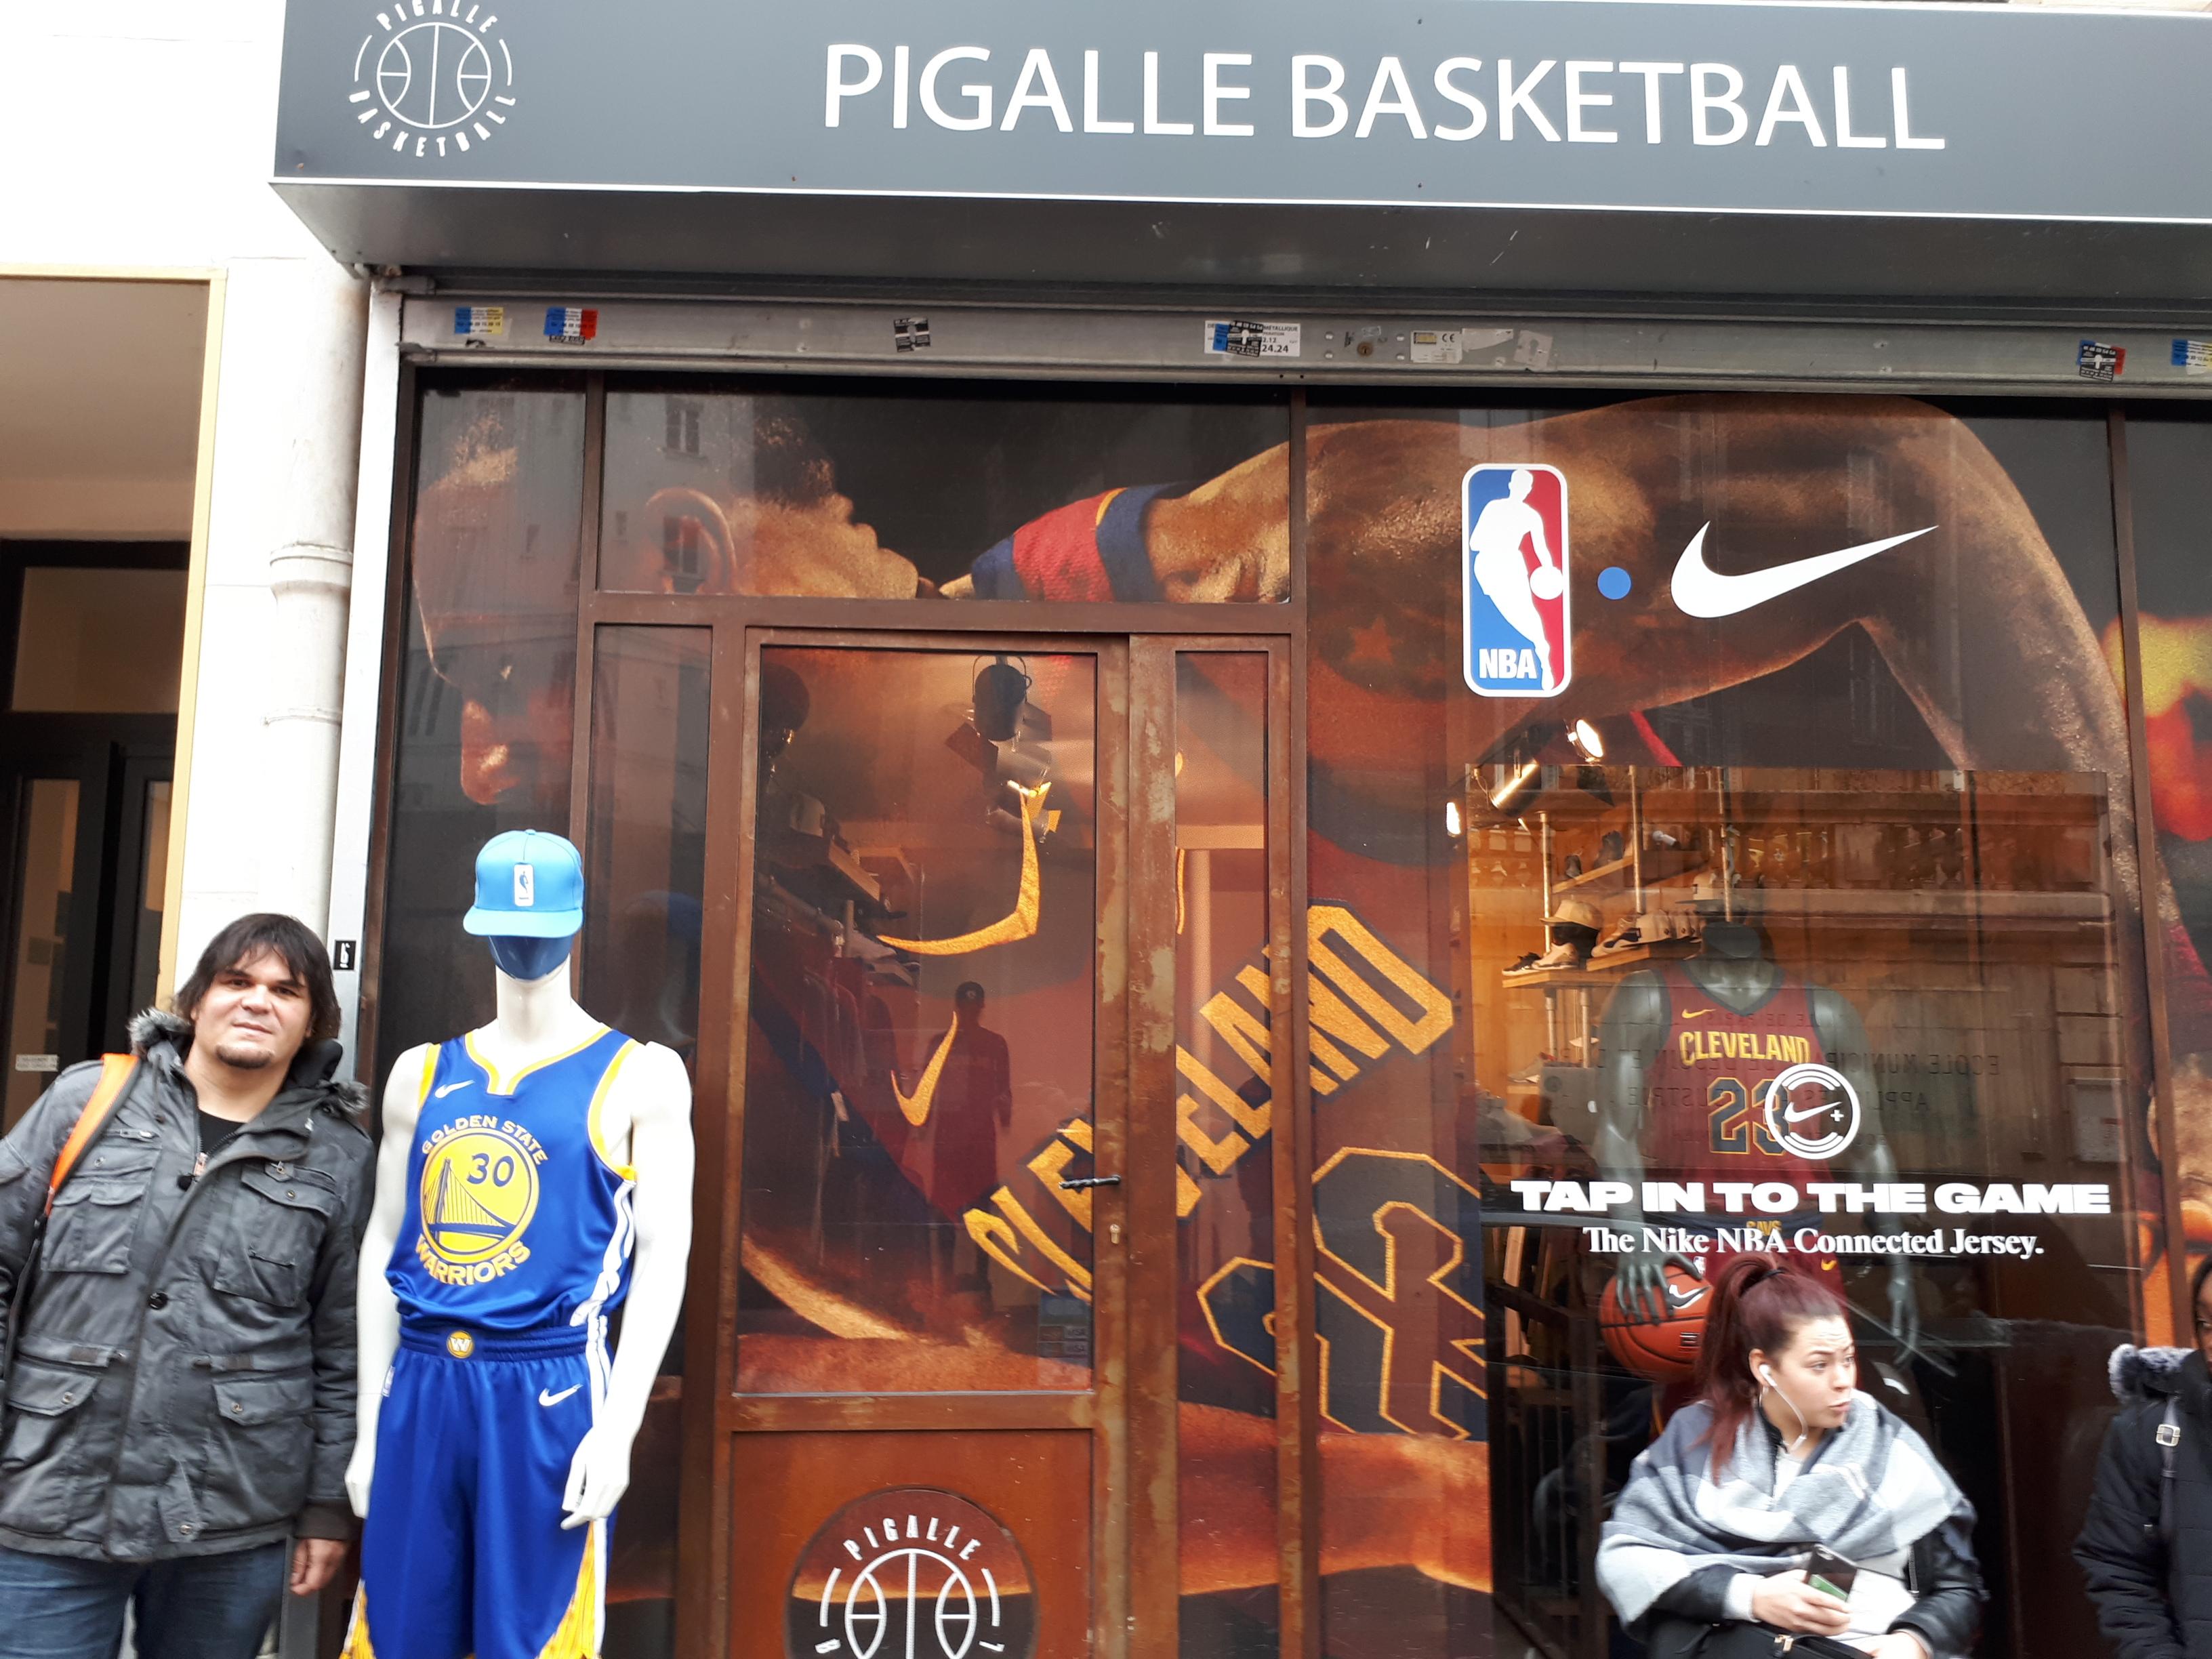 El autor de este reportaje, José Luis Hernández, posa delante de la tienda Pigalle Basketball, justo en frente de la cancha / Fotos: SuperBasket Canarias